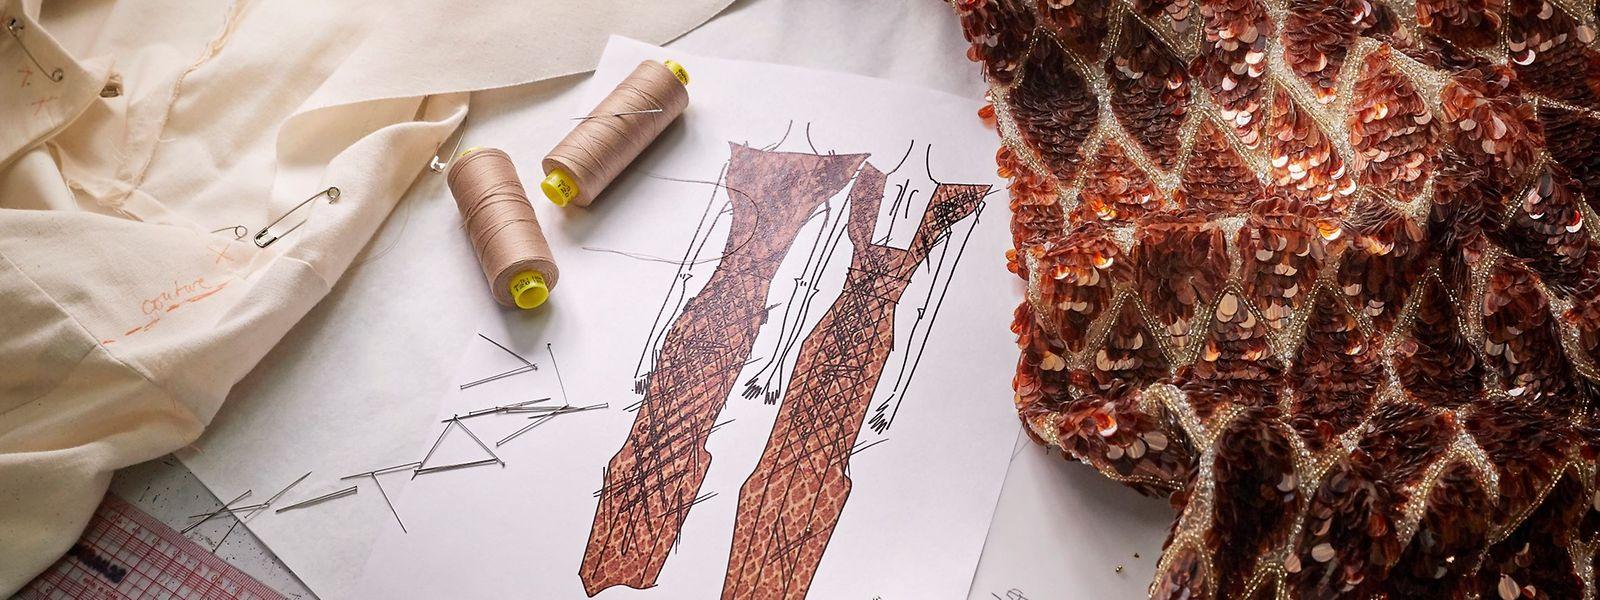 Von der Skizze zum Kleid - Einblick in das Atelier von Louis Vuitton.